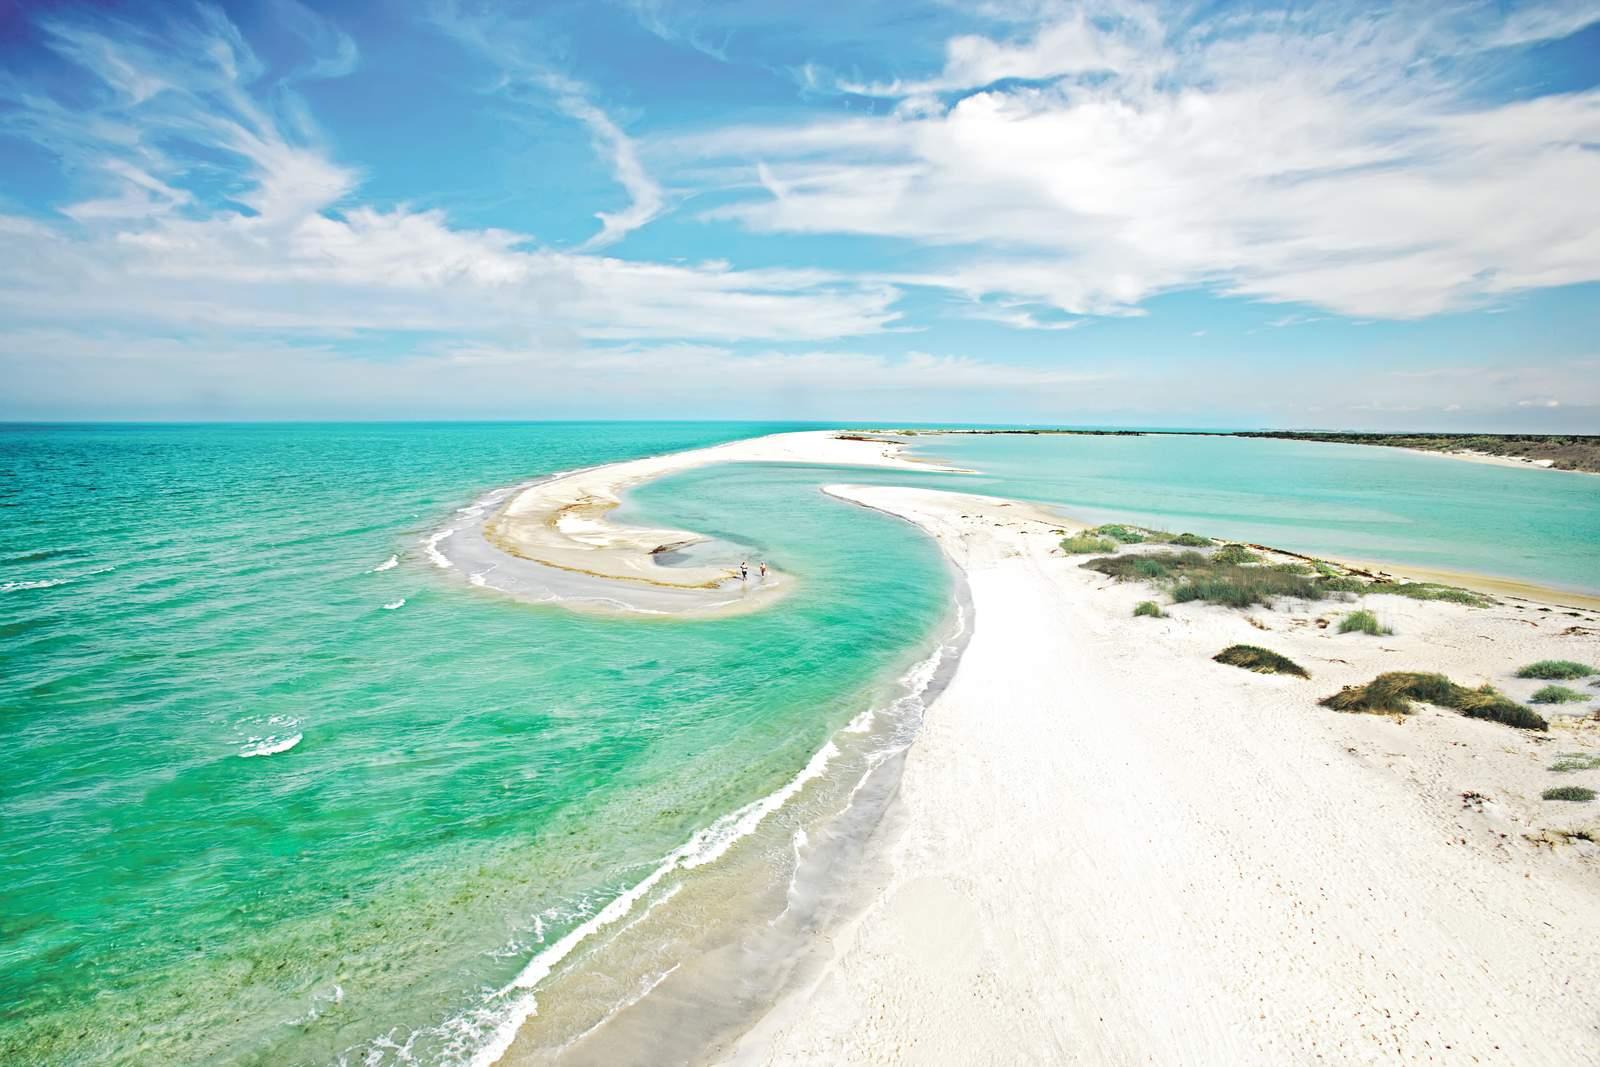 Cayo Costa, Golf von Mexiko